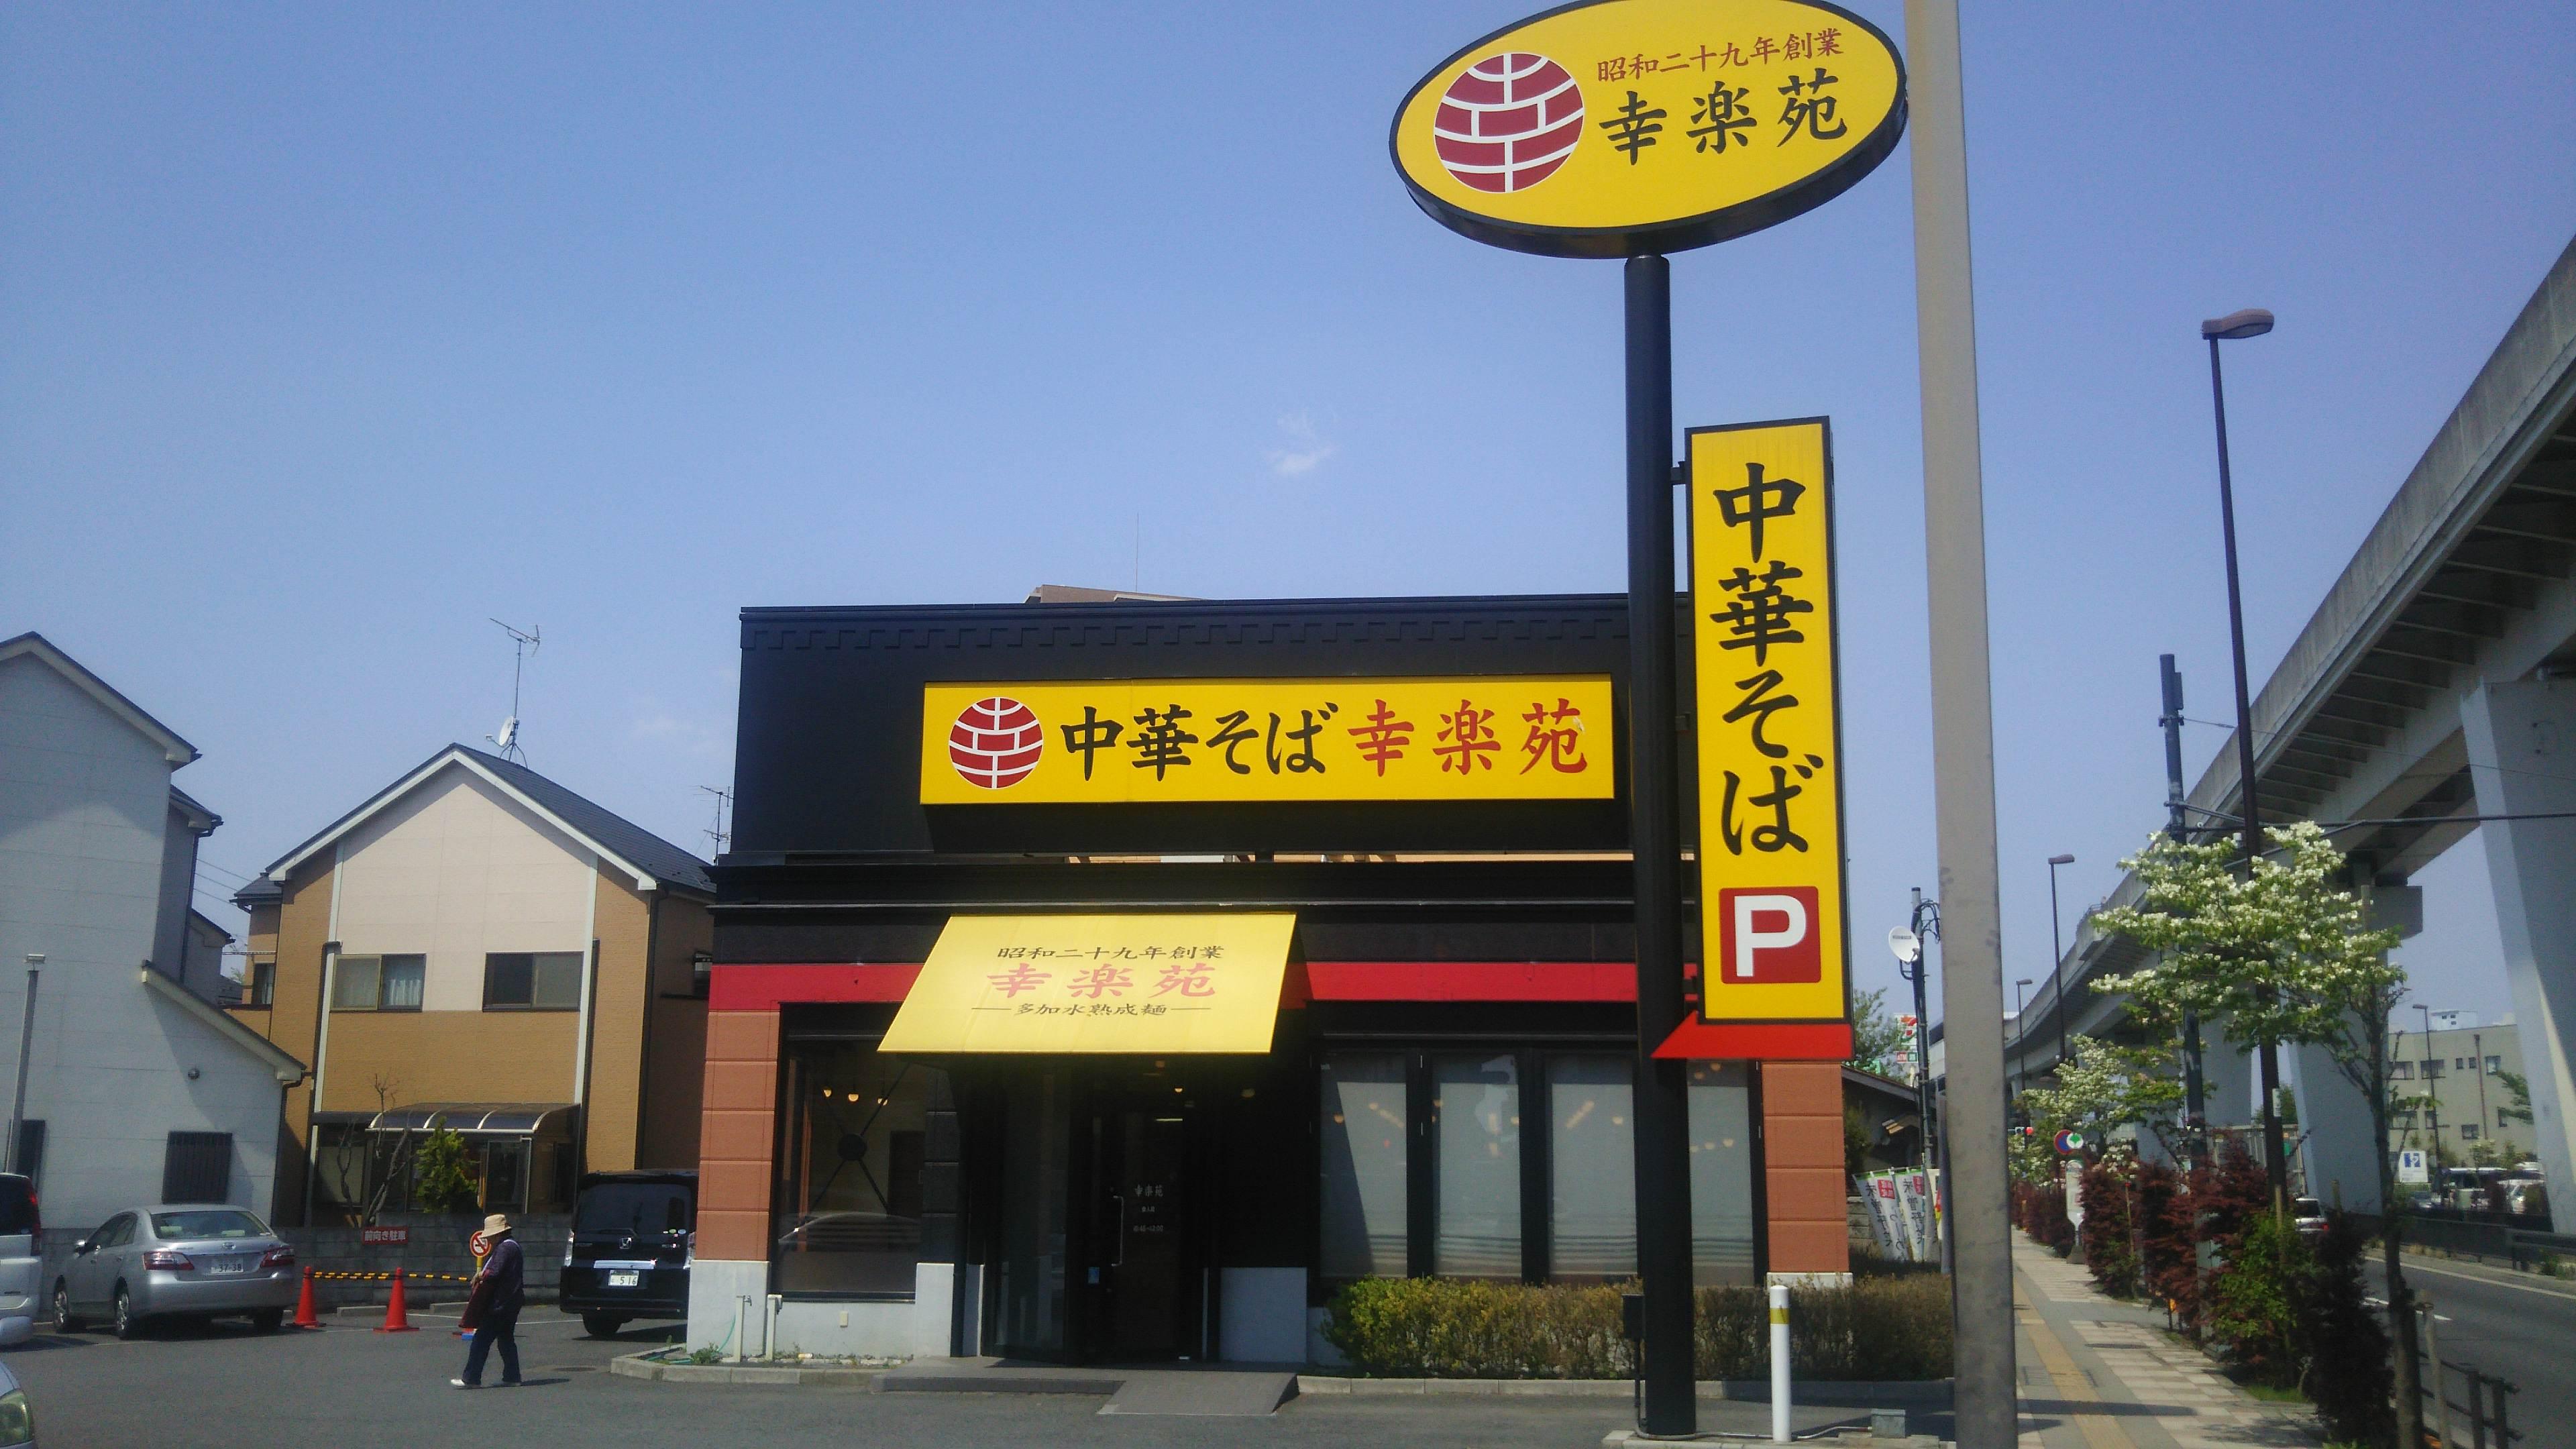 レストラン:幸楽苑舎人店 458m